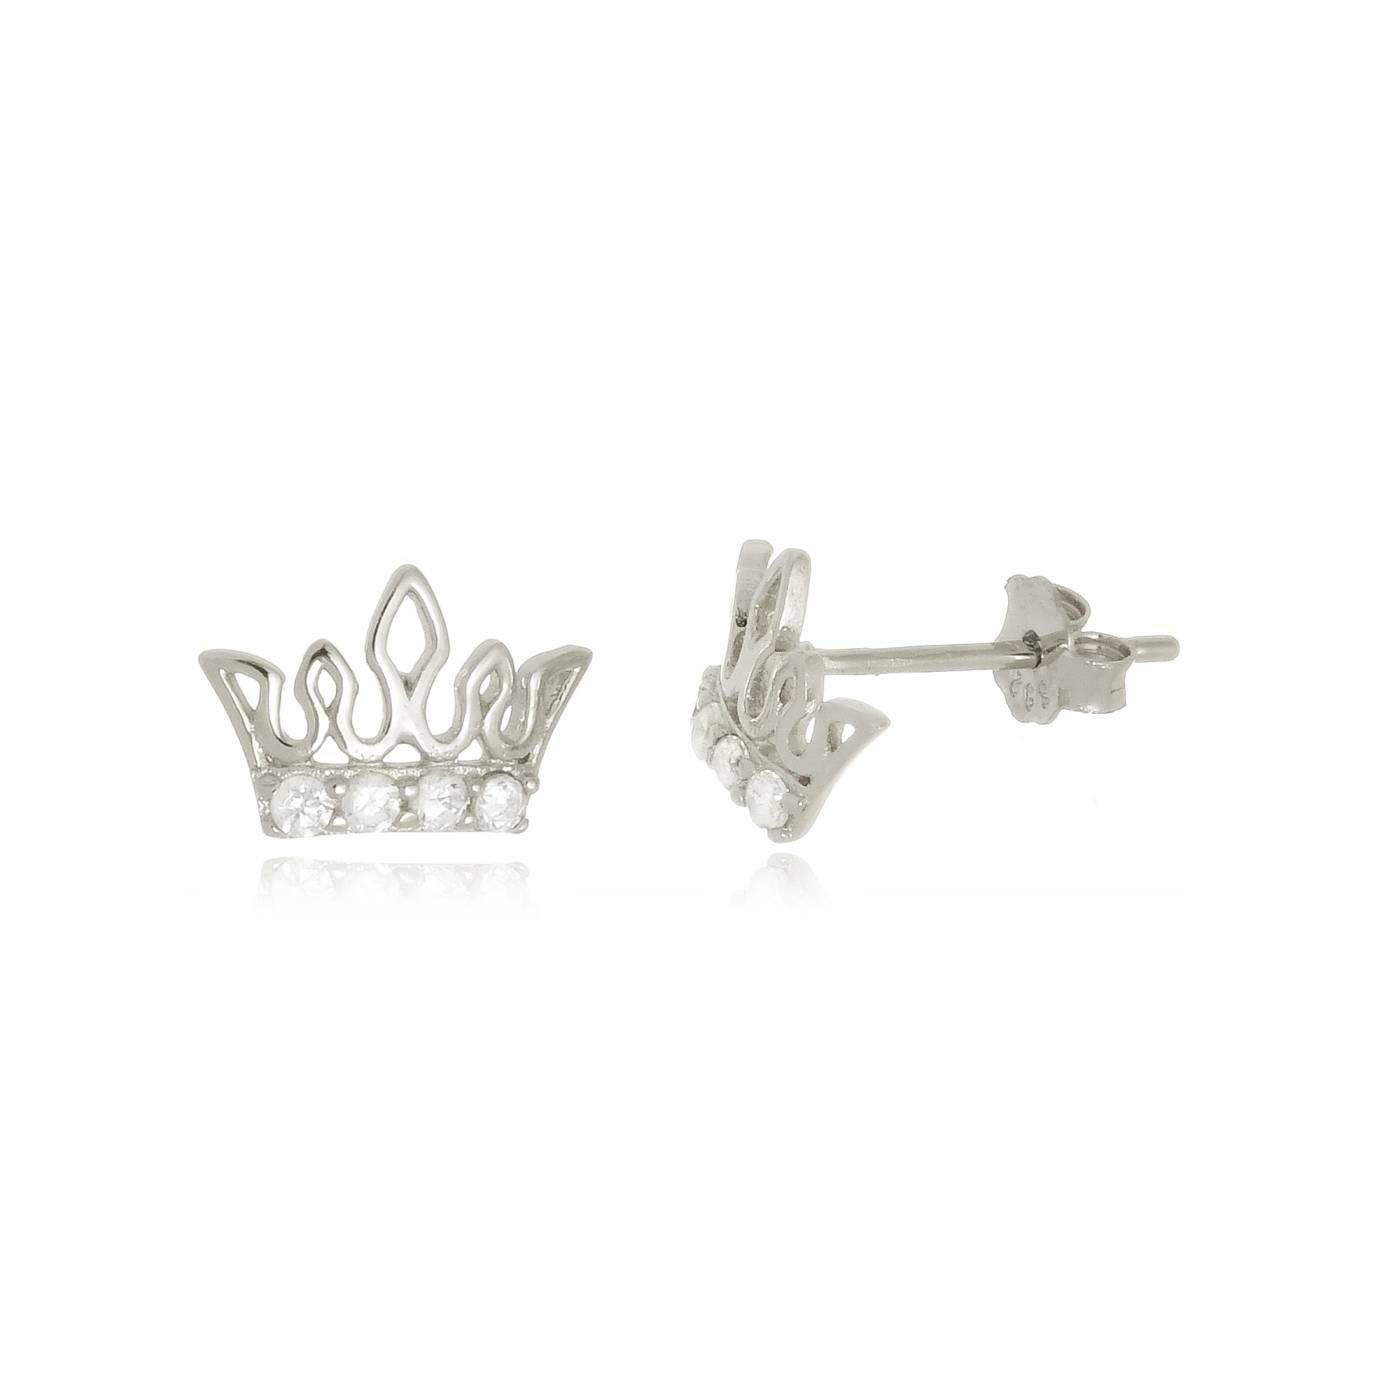 Brinco Mini Coroa com Zircônias em Prata 925